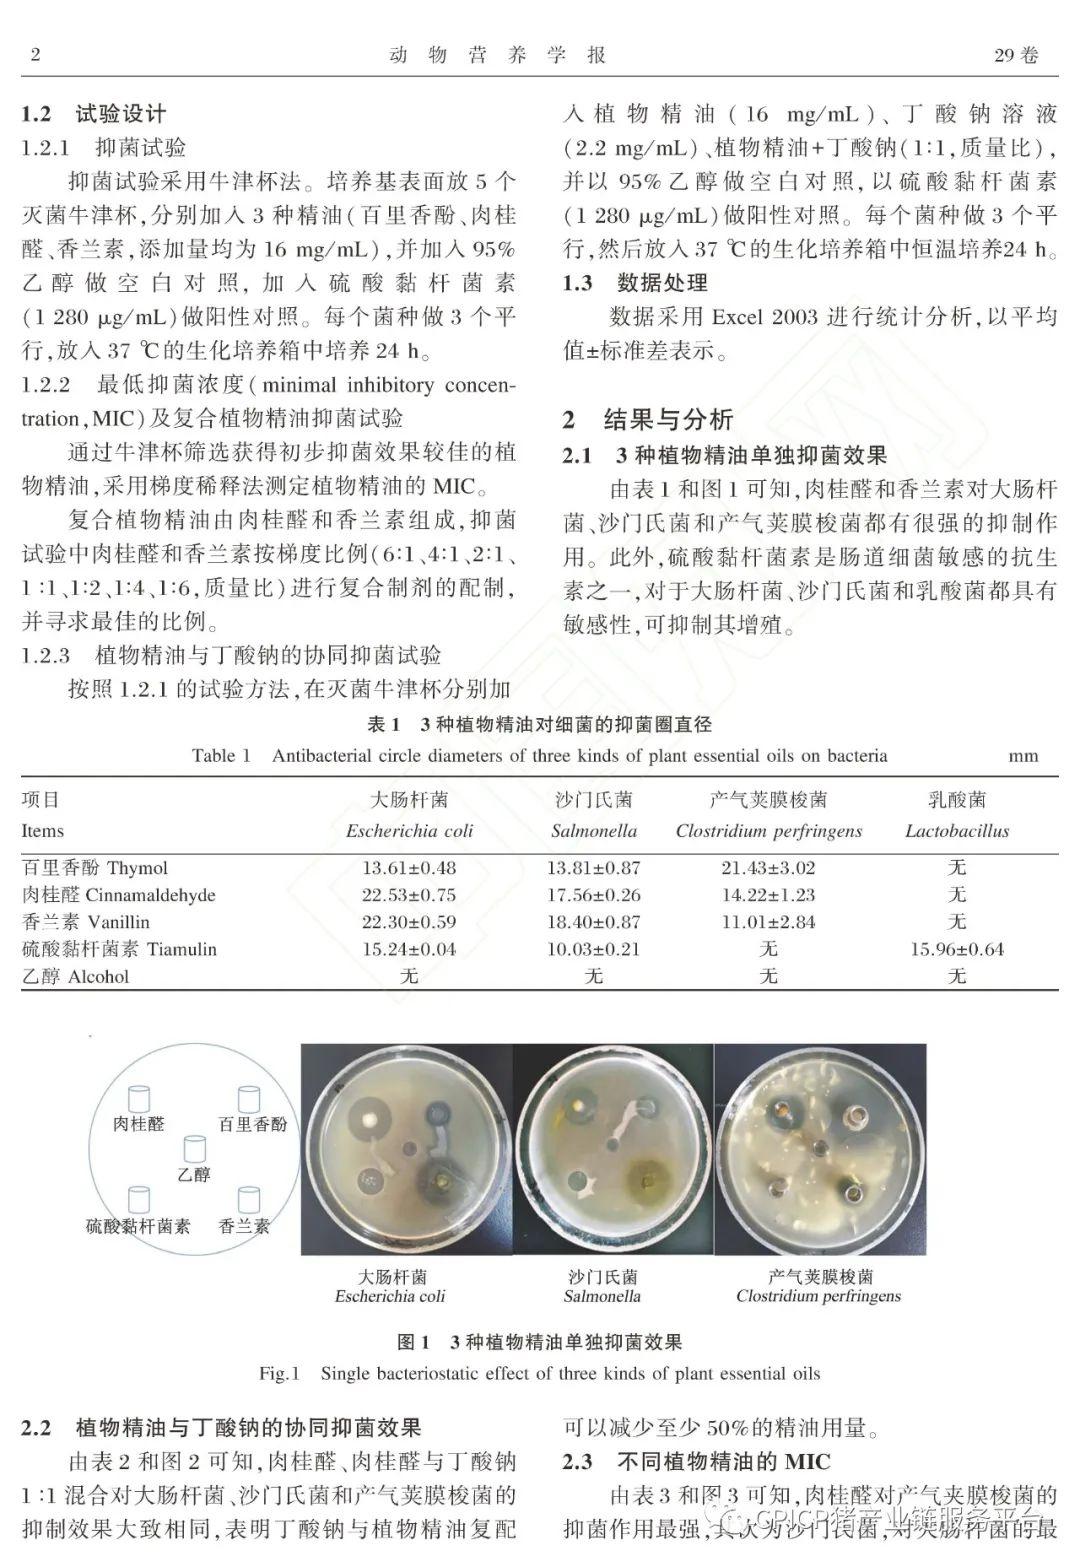 植物精油与丁酸钠的体外协同抑菌效果研究